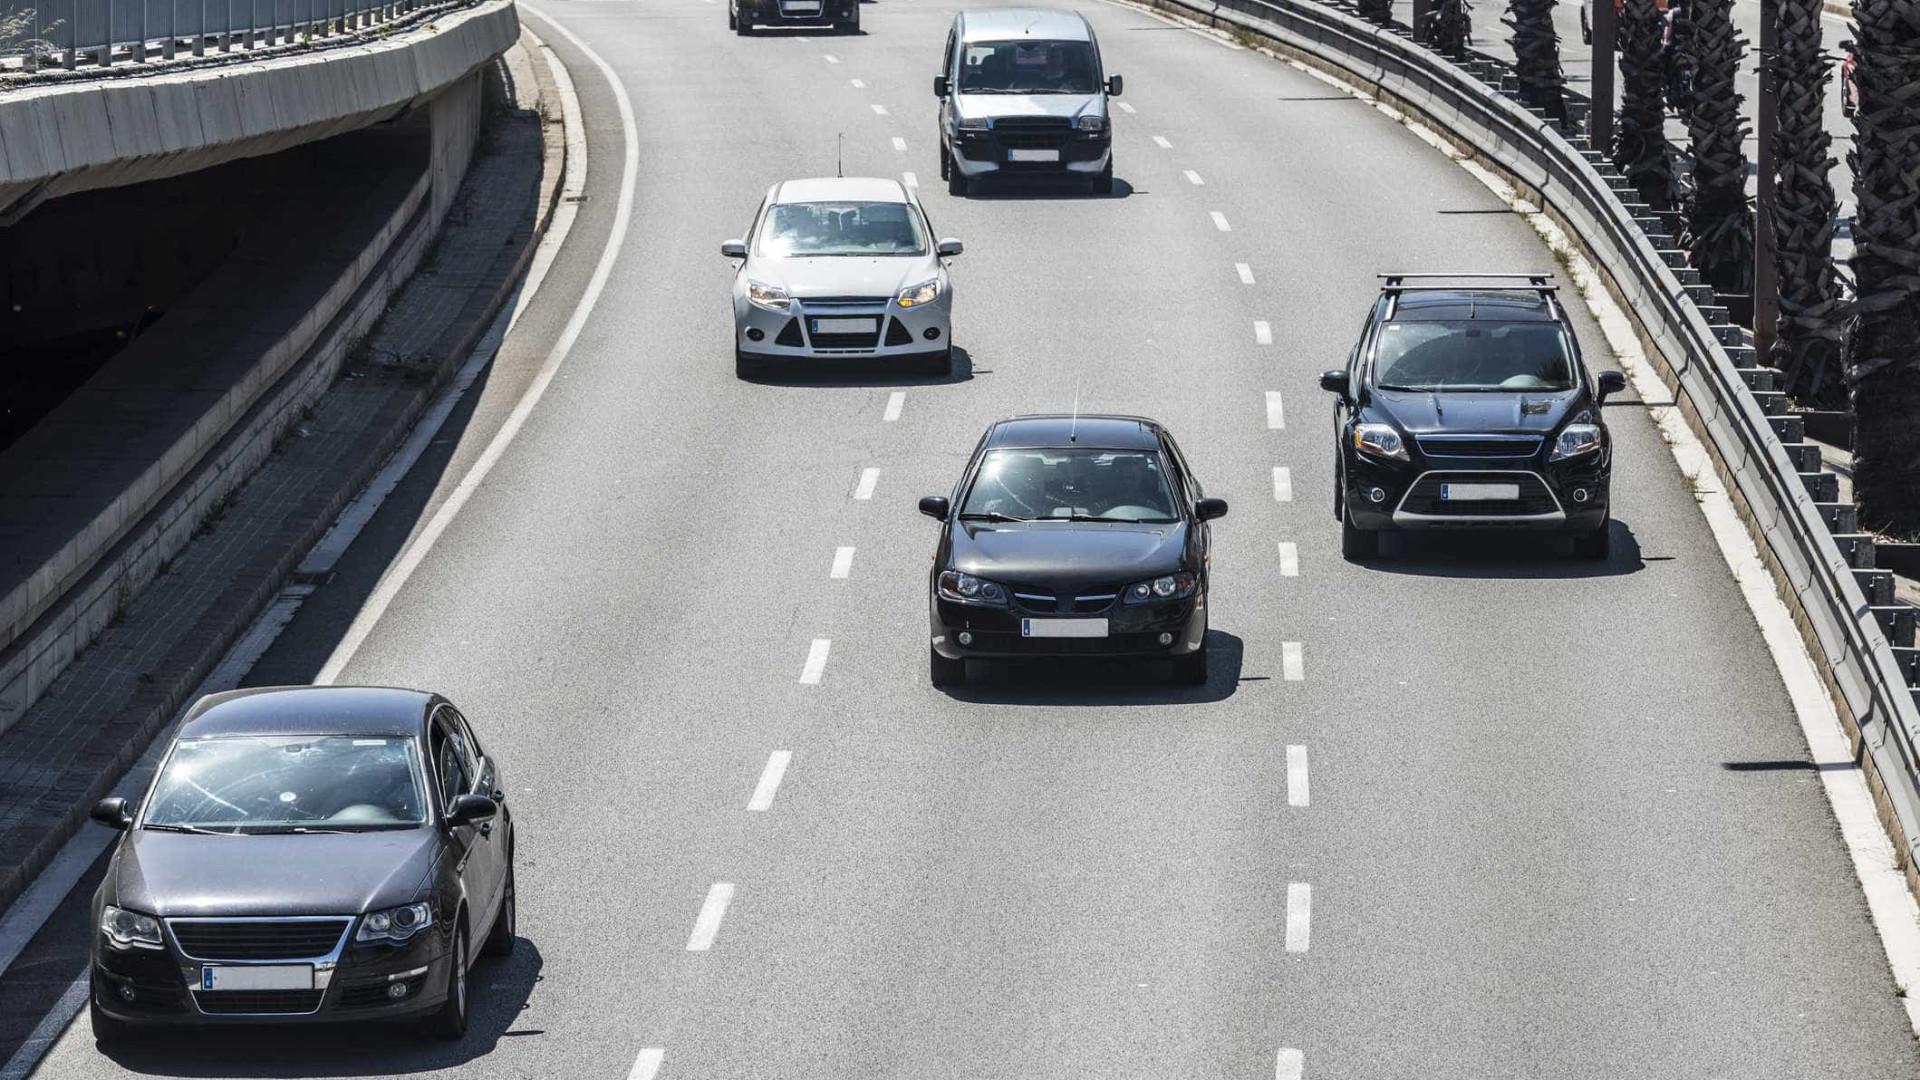 Número de veículos seguros aumentou 3,6% no ano passado